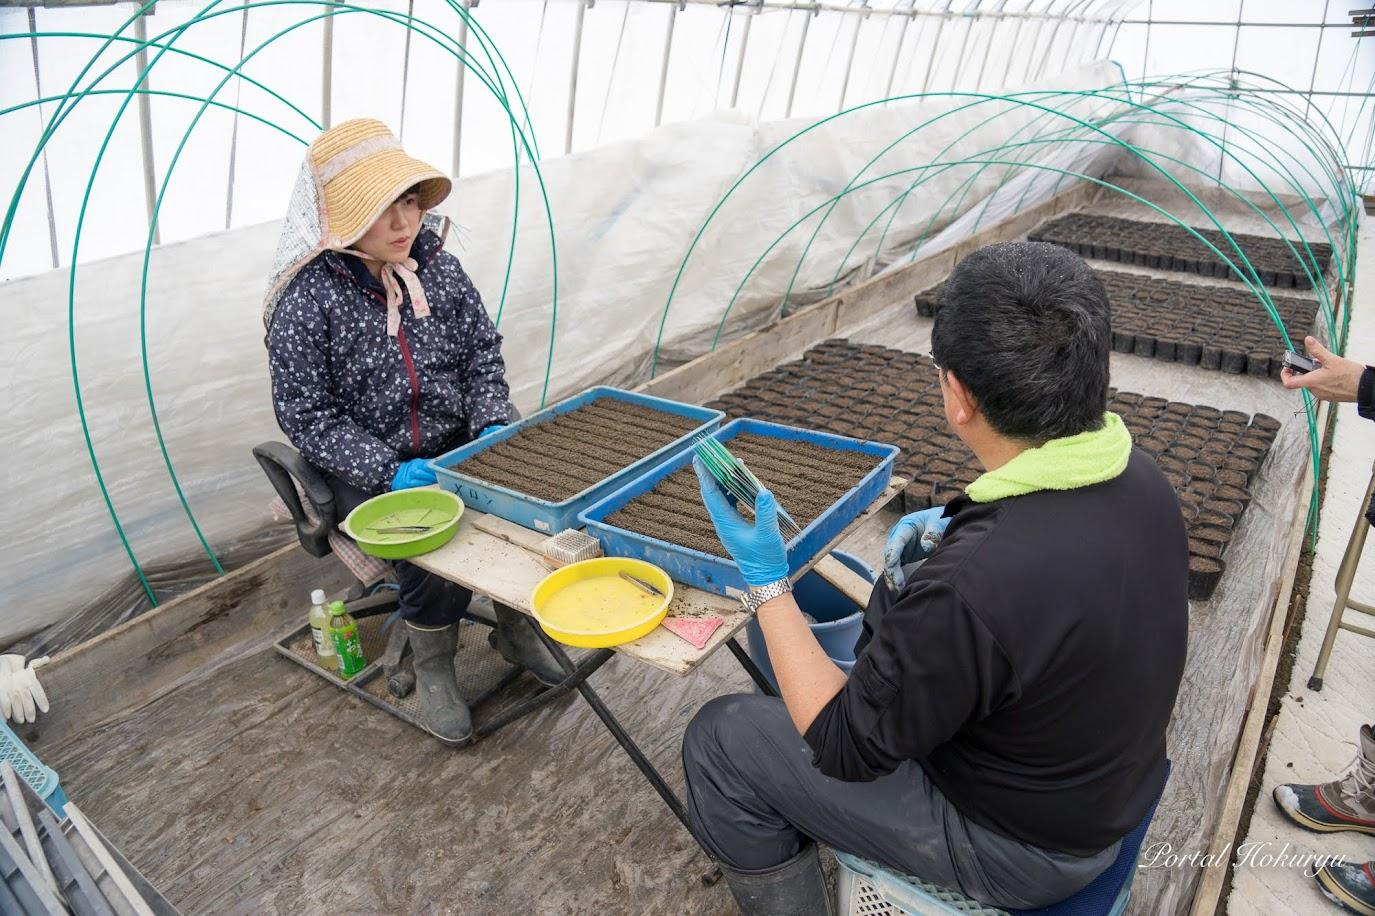 昨年の農業実習生、現在渡邊隼斗さんのお嫁さんになった美香さん初体験